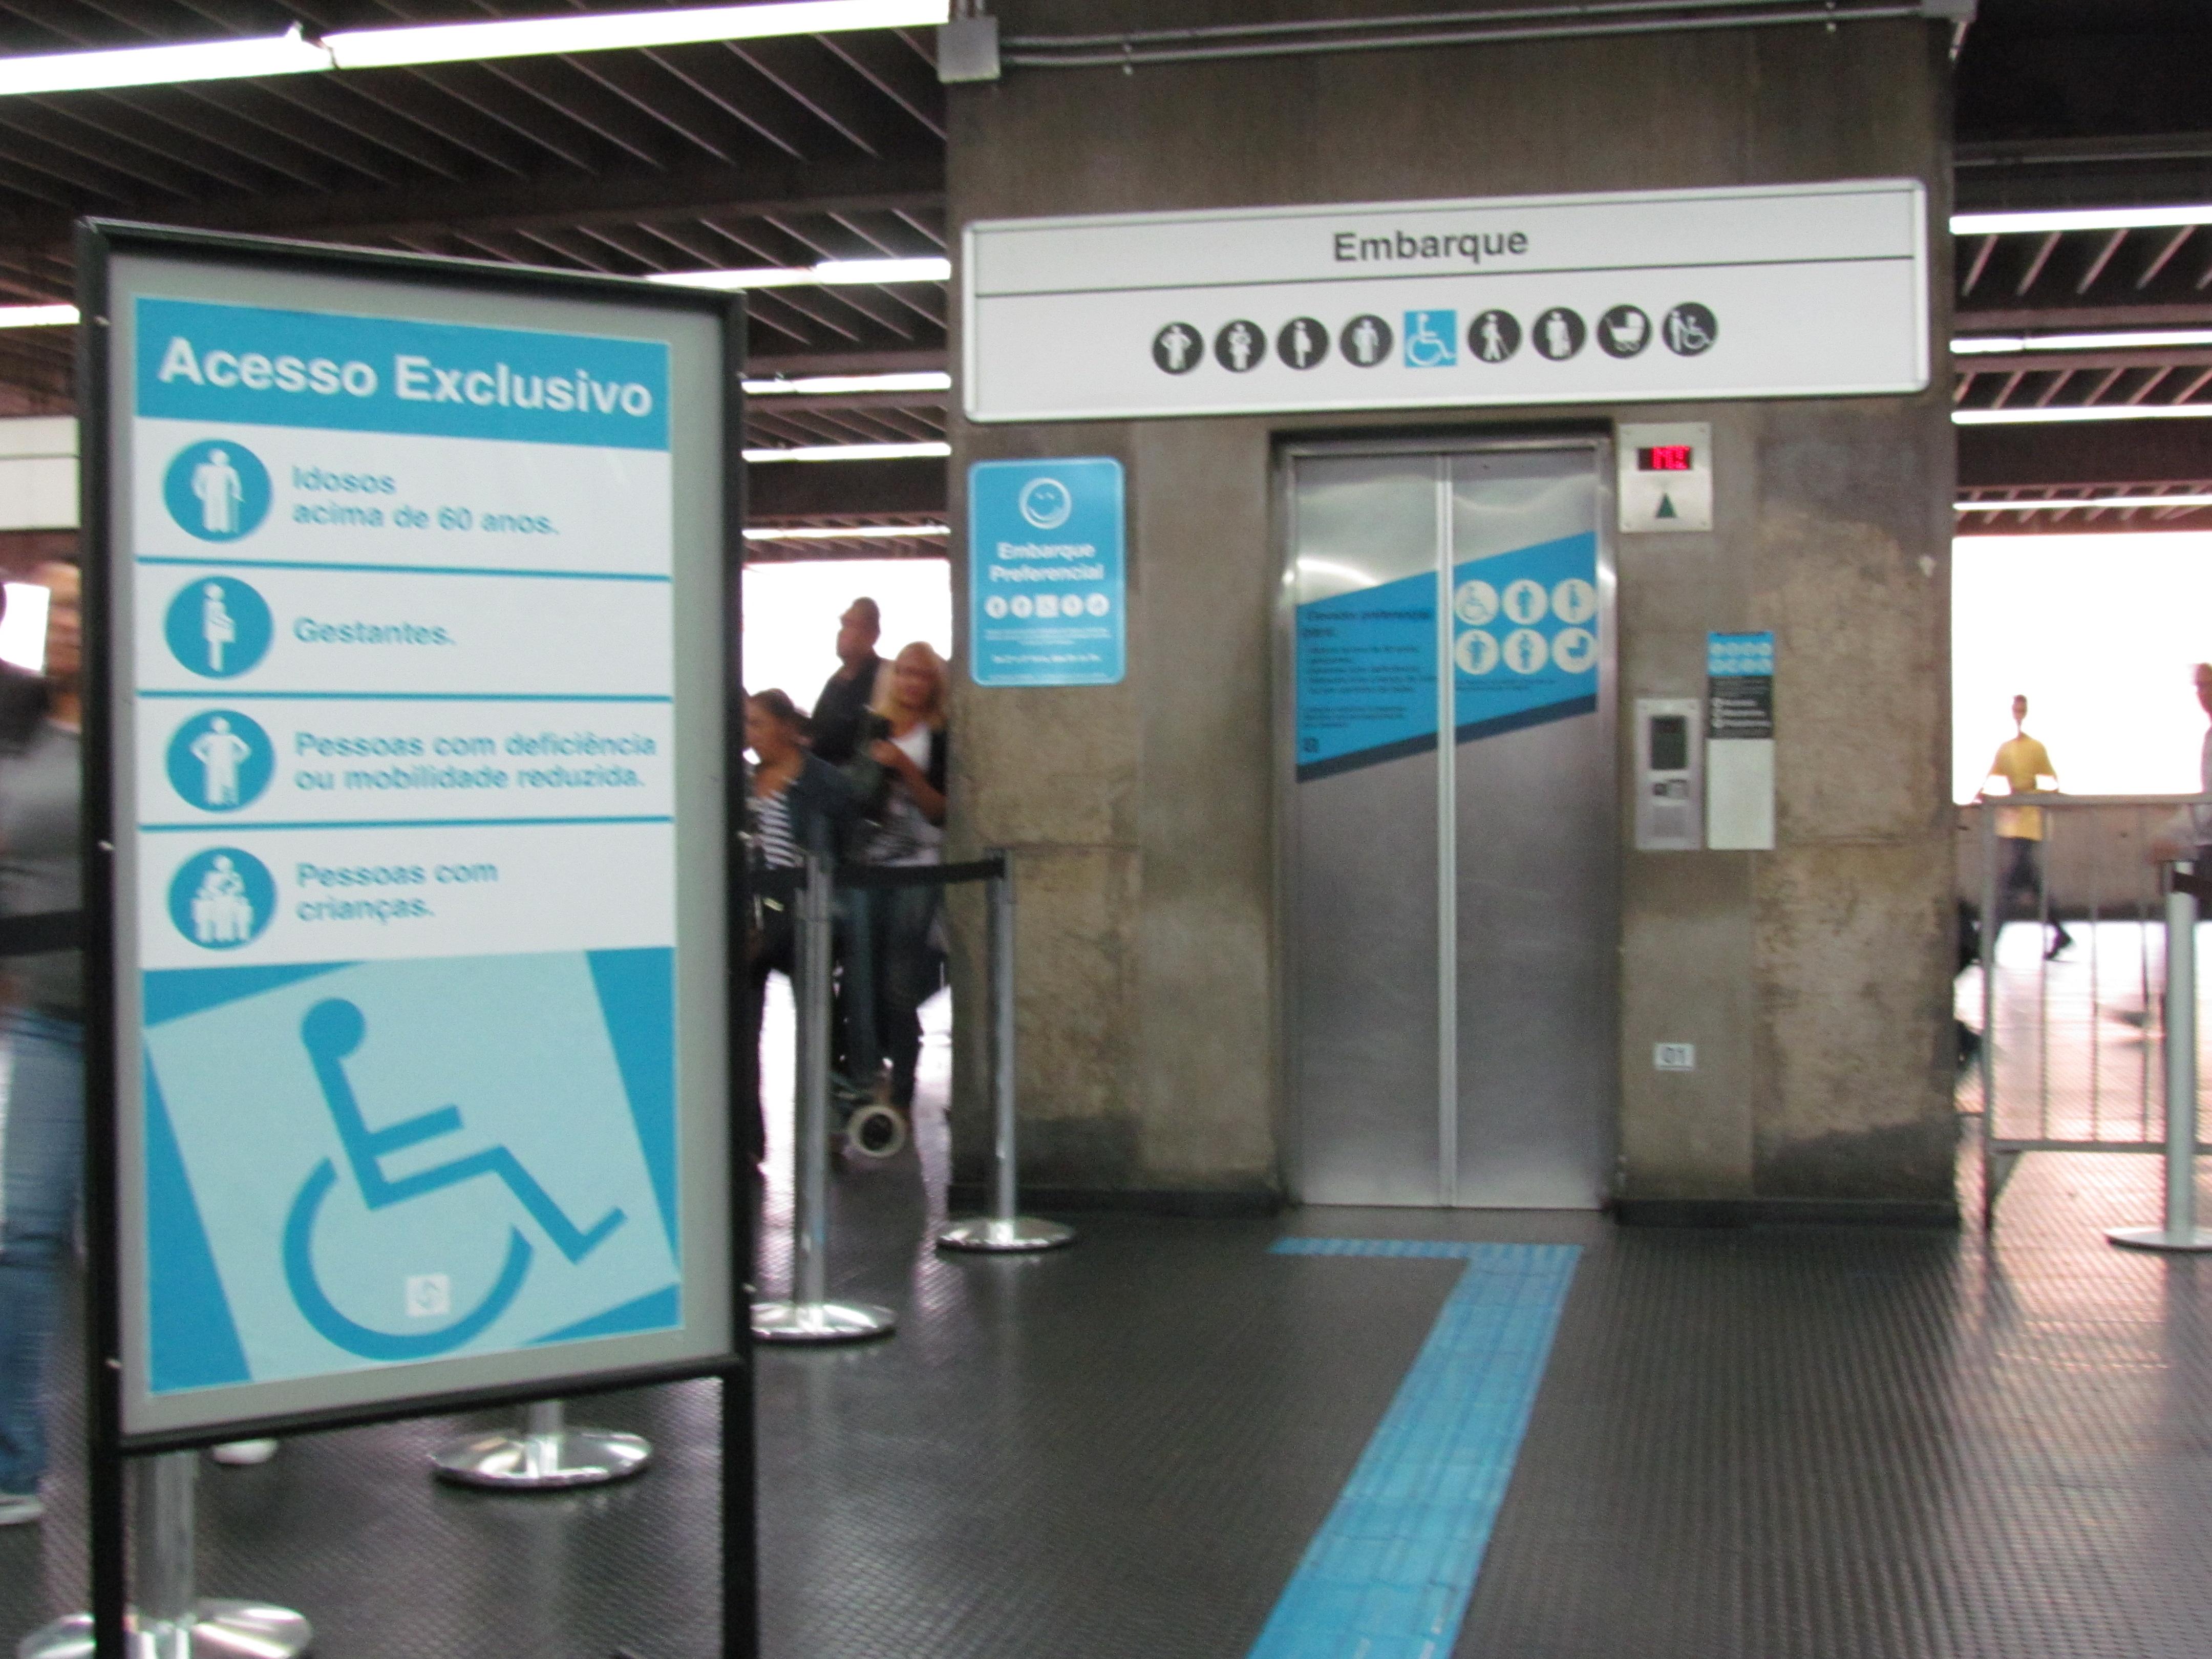 Investimento no Metrô de São Paulo garante acessibilidade e  #2C869F 4320 3240